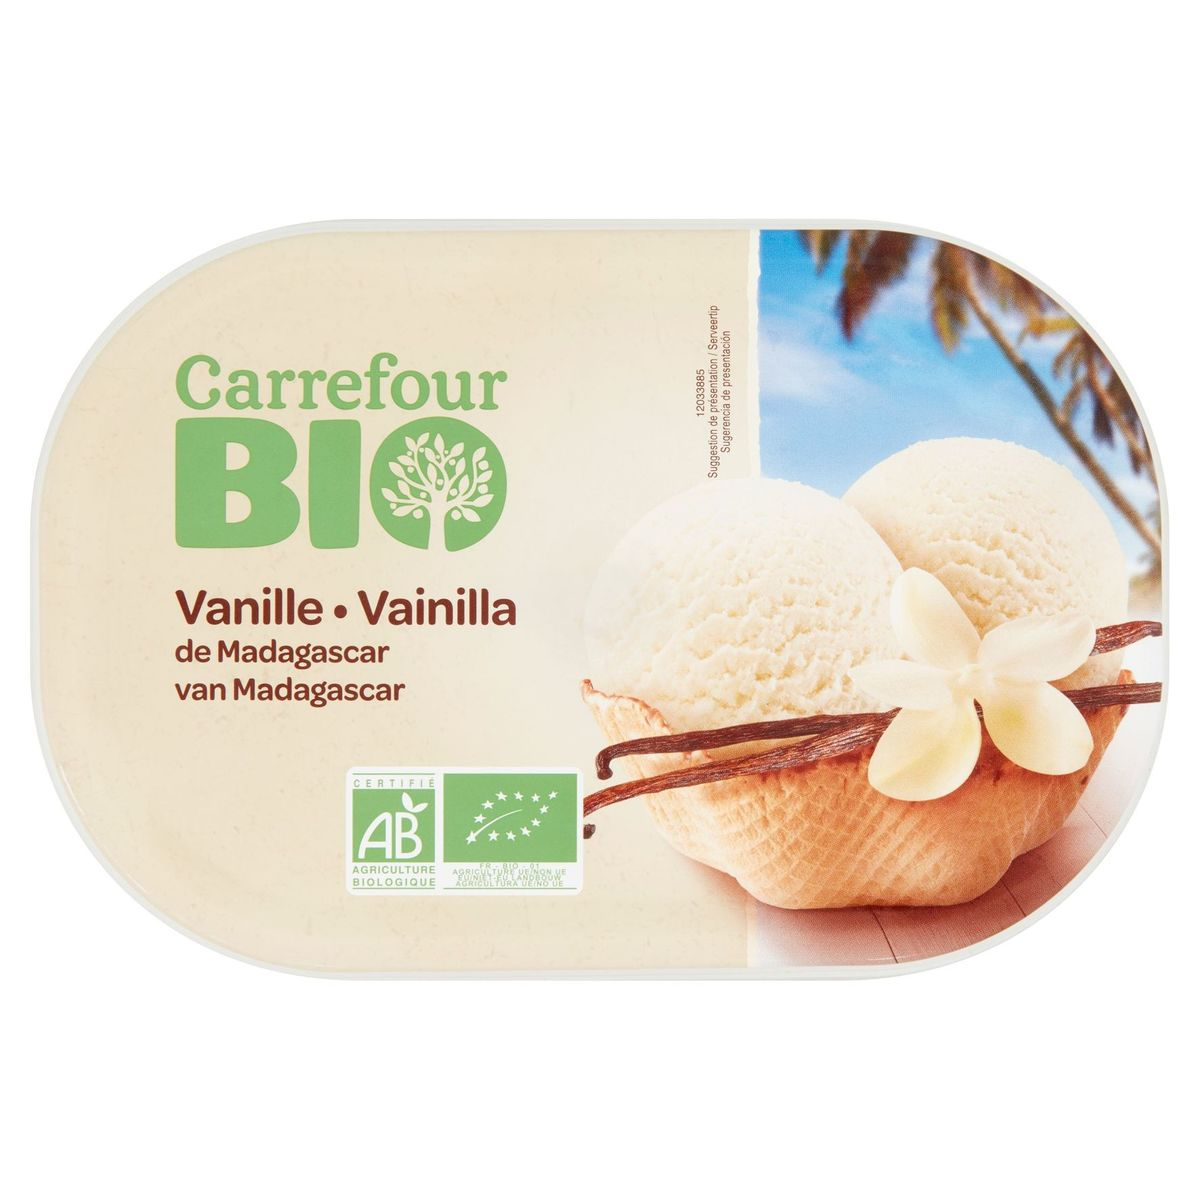 Carrefour Bio Vanille van Madagascar 471 g